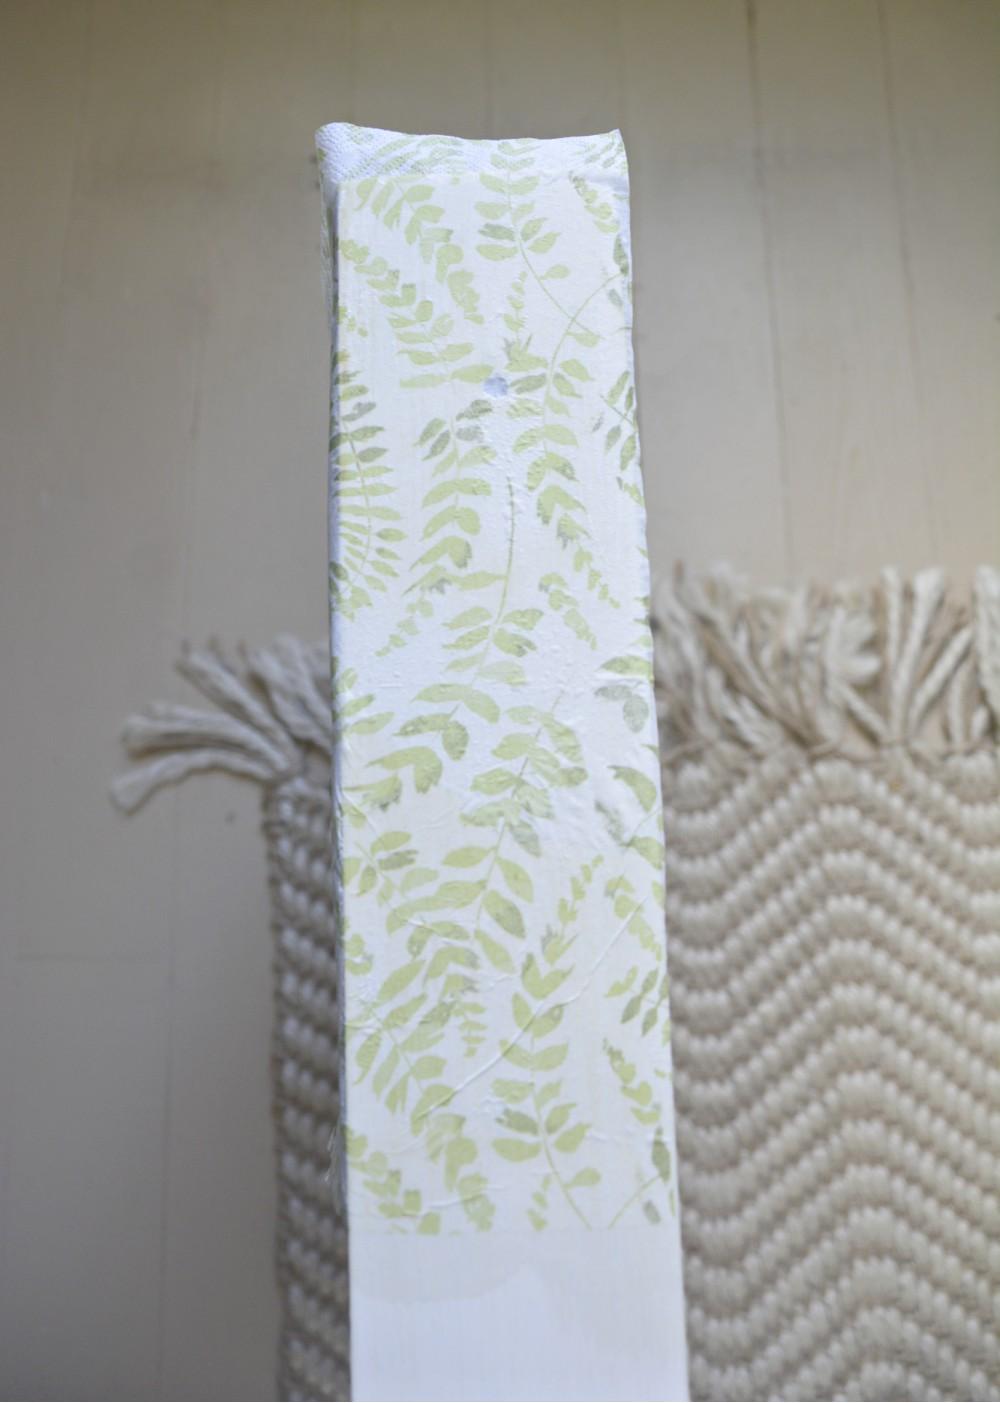 napkin-decoupage-polycrylic